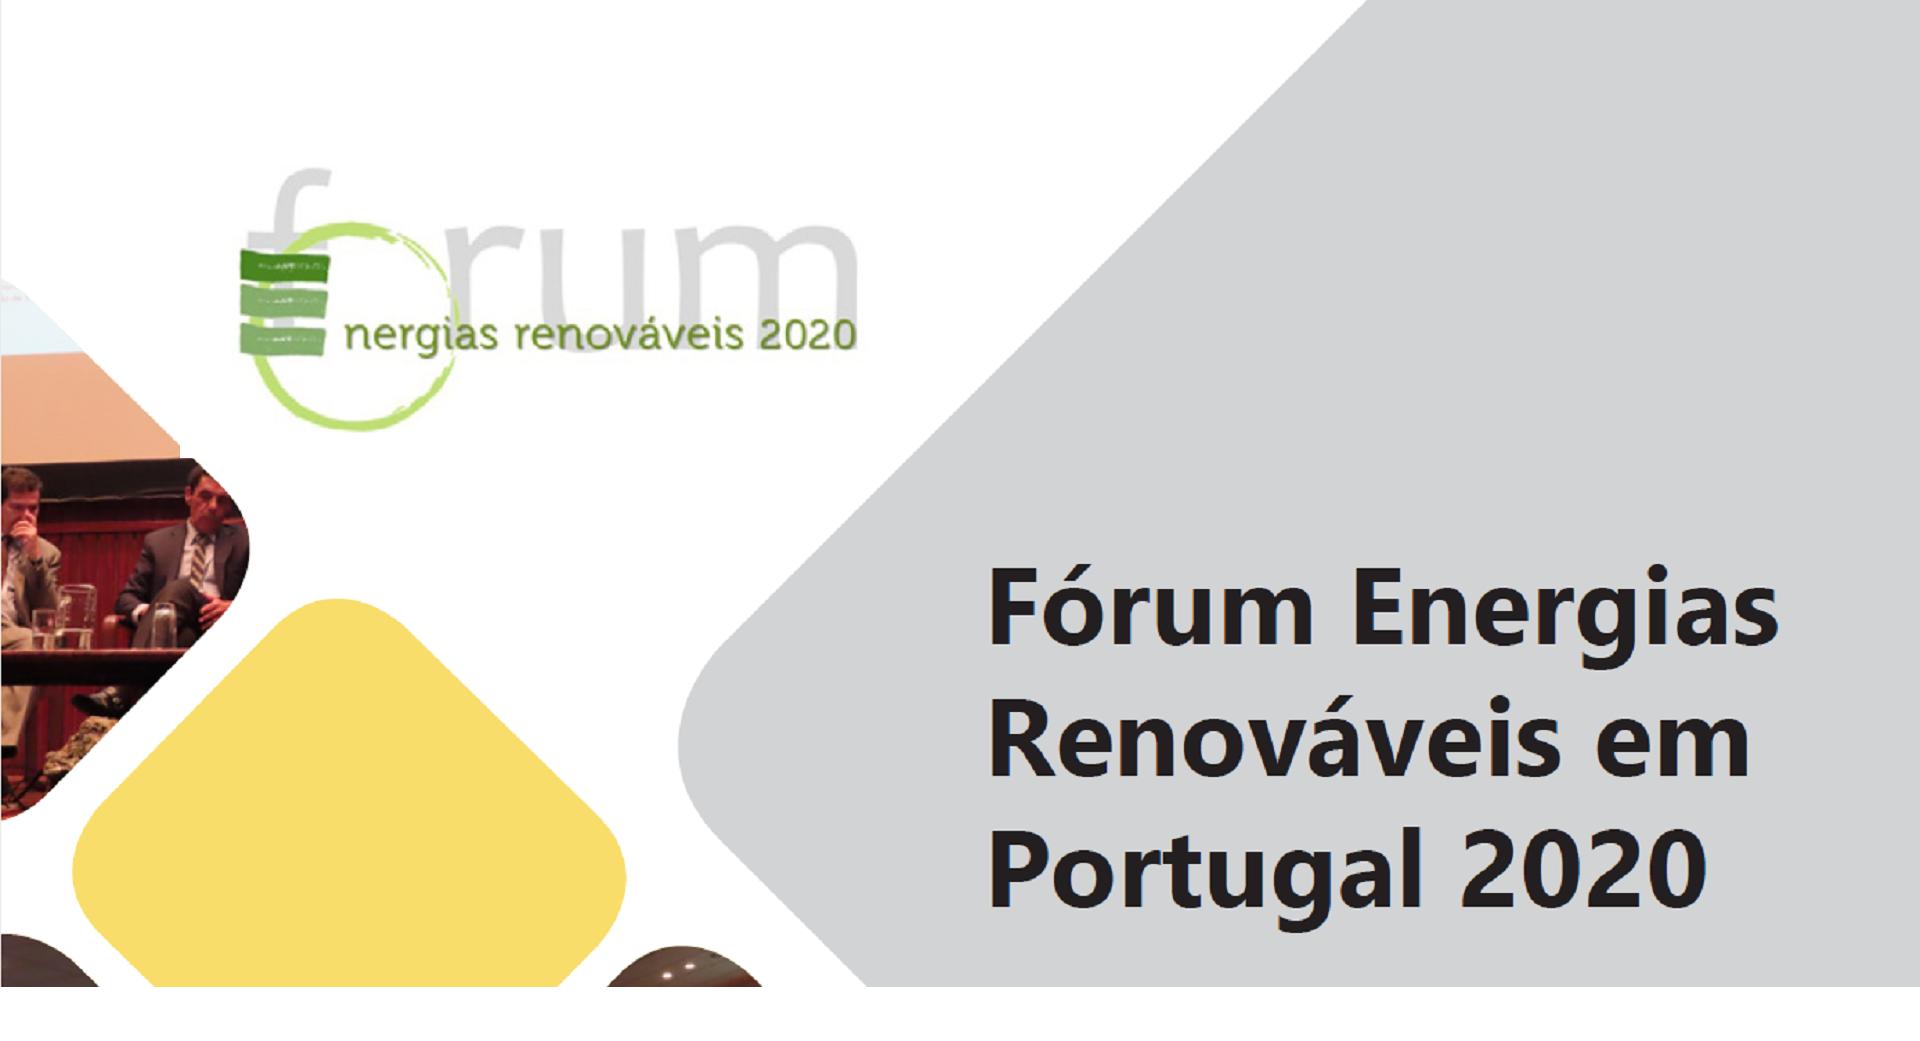 """LNEG publica o """"Fórum Energias Renováveis em Portugal 2020""""<br>Um trabalho de conjunto com os principais <i>stakeholders</i>"""